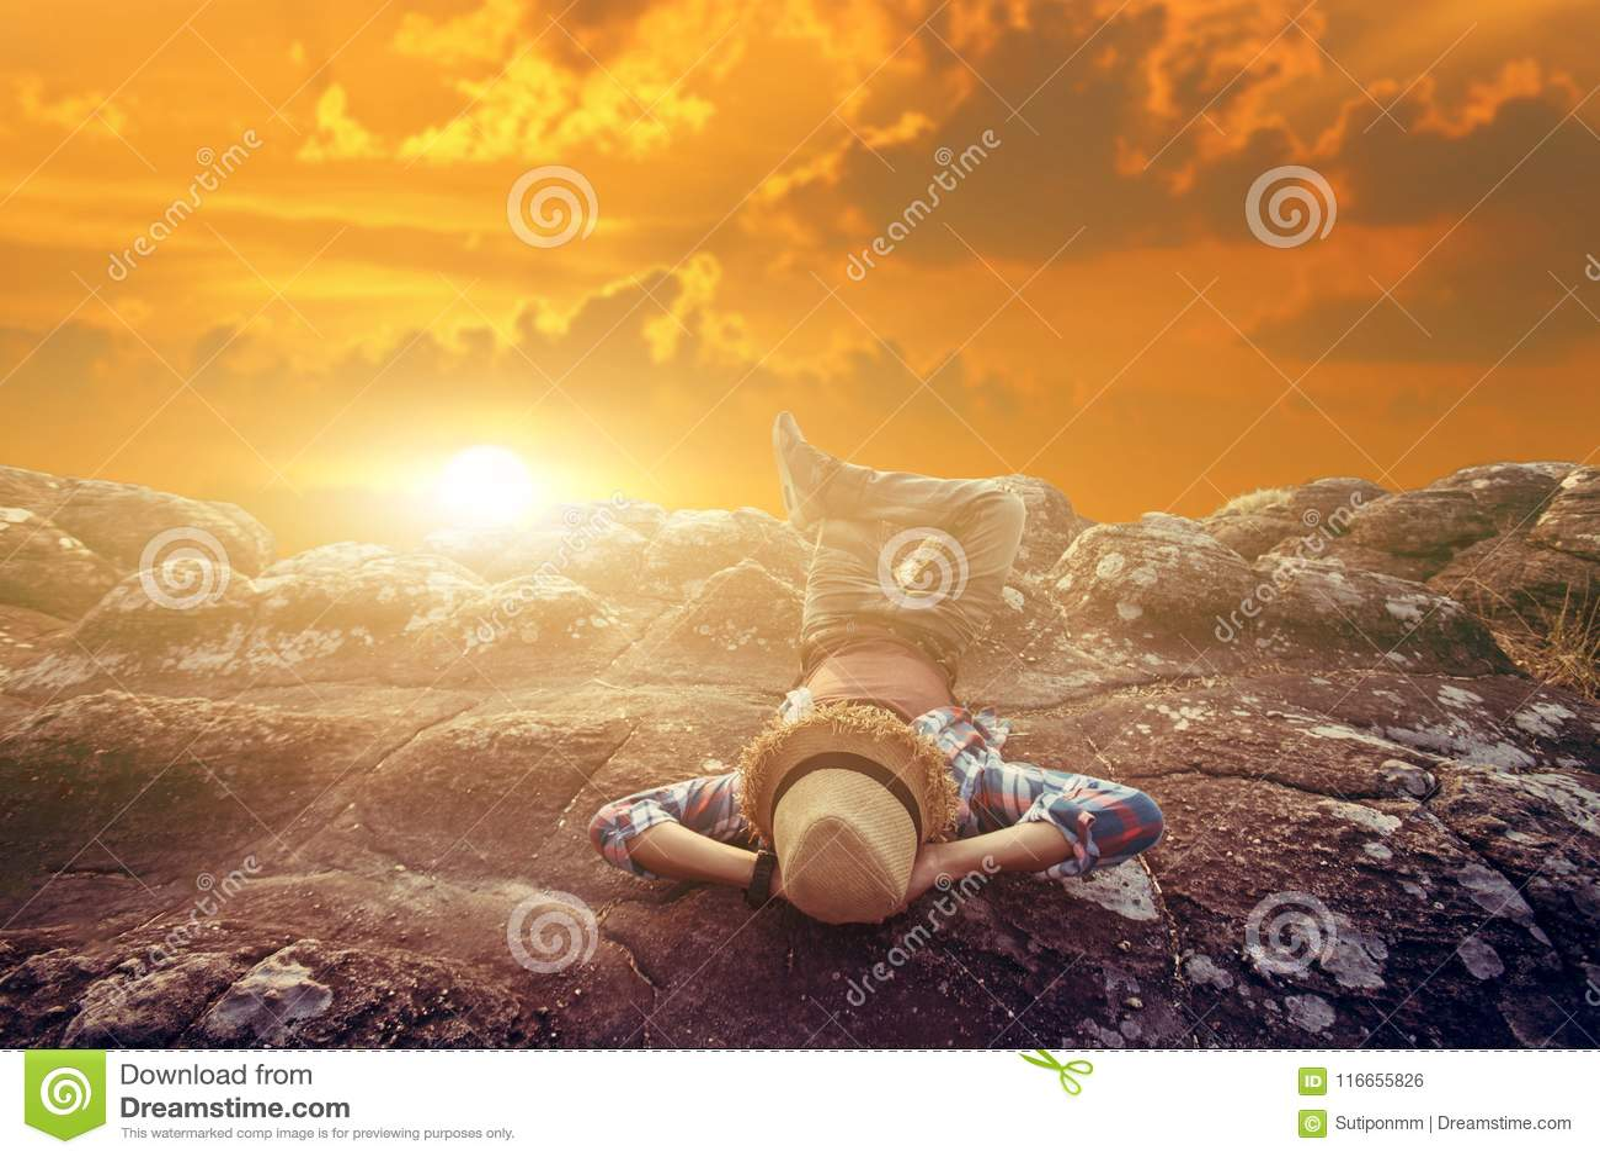 Relaxation de touristman de liberté avec la nature sur le coucher du soleil